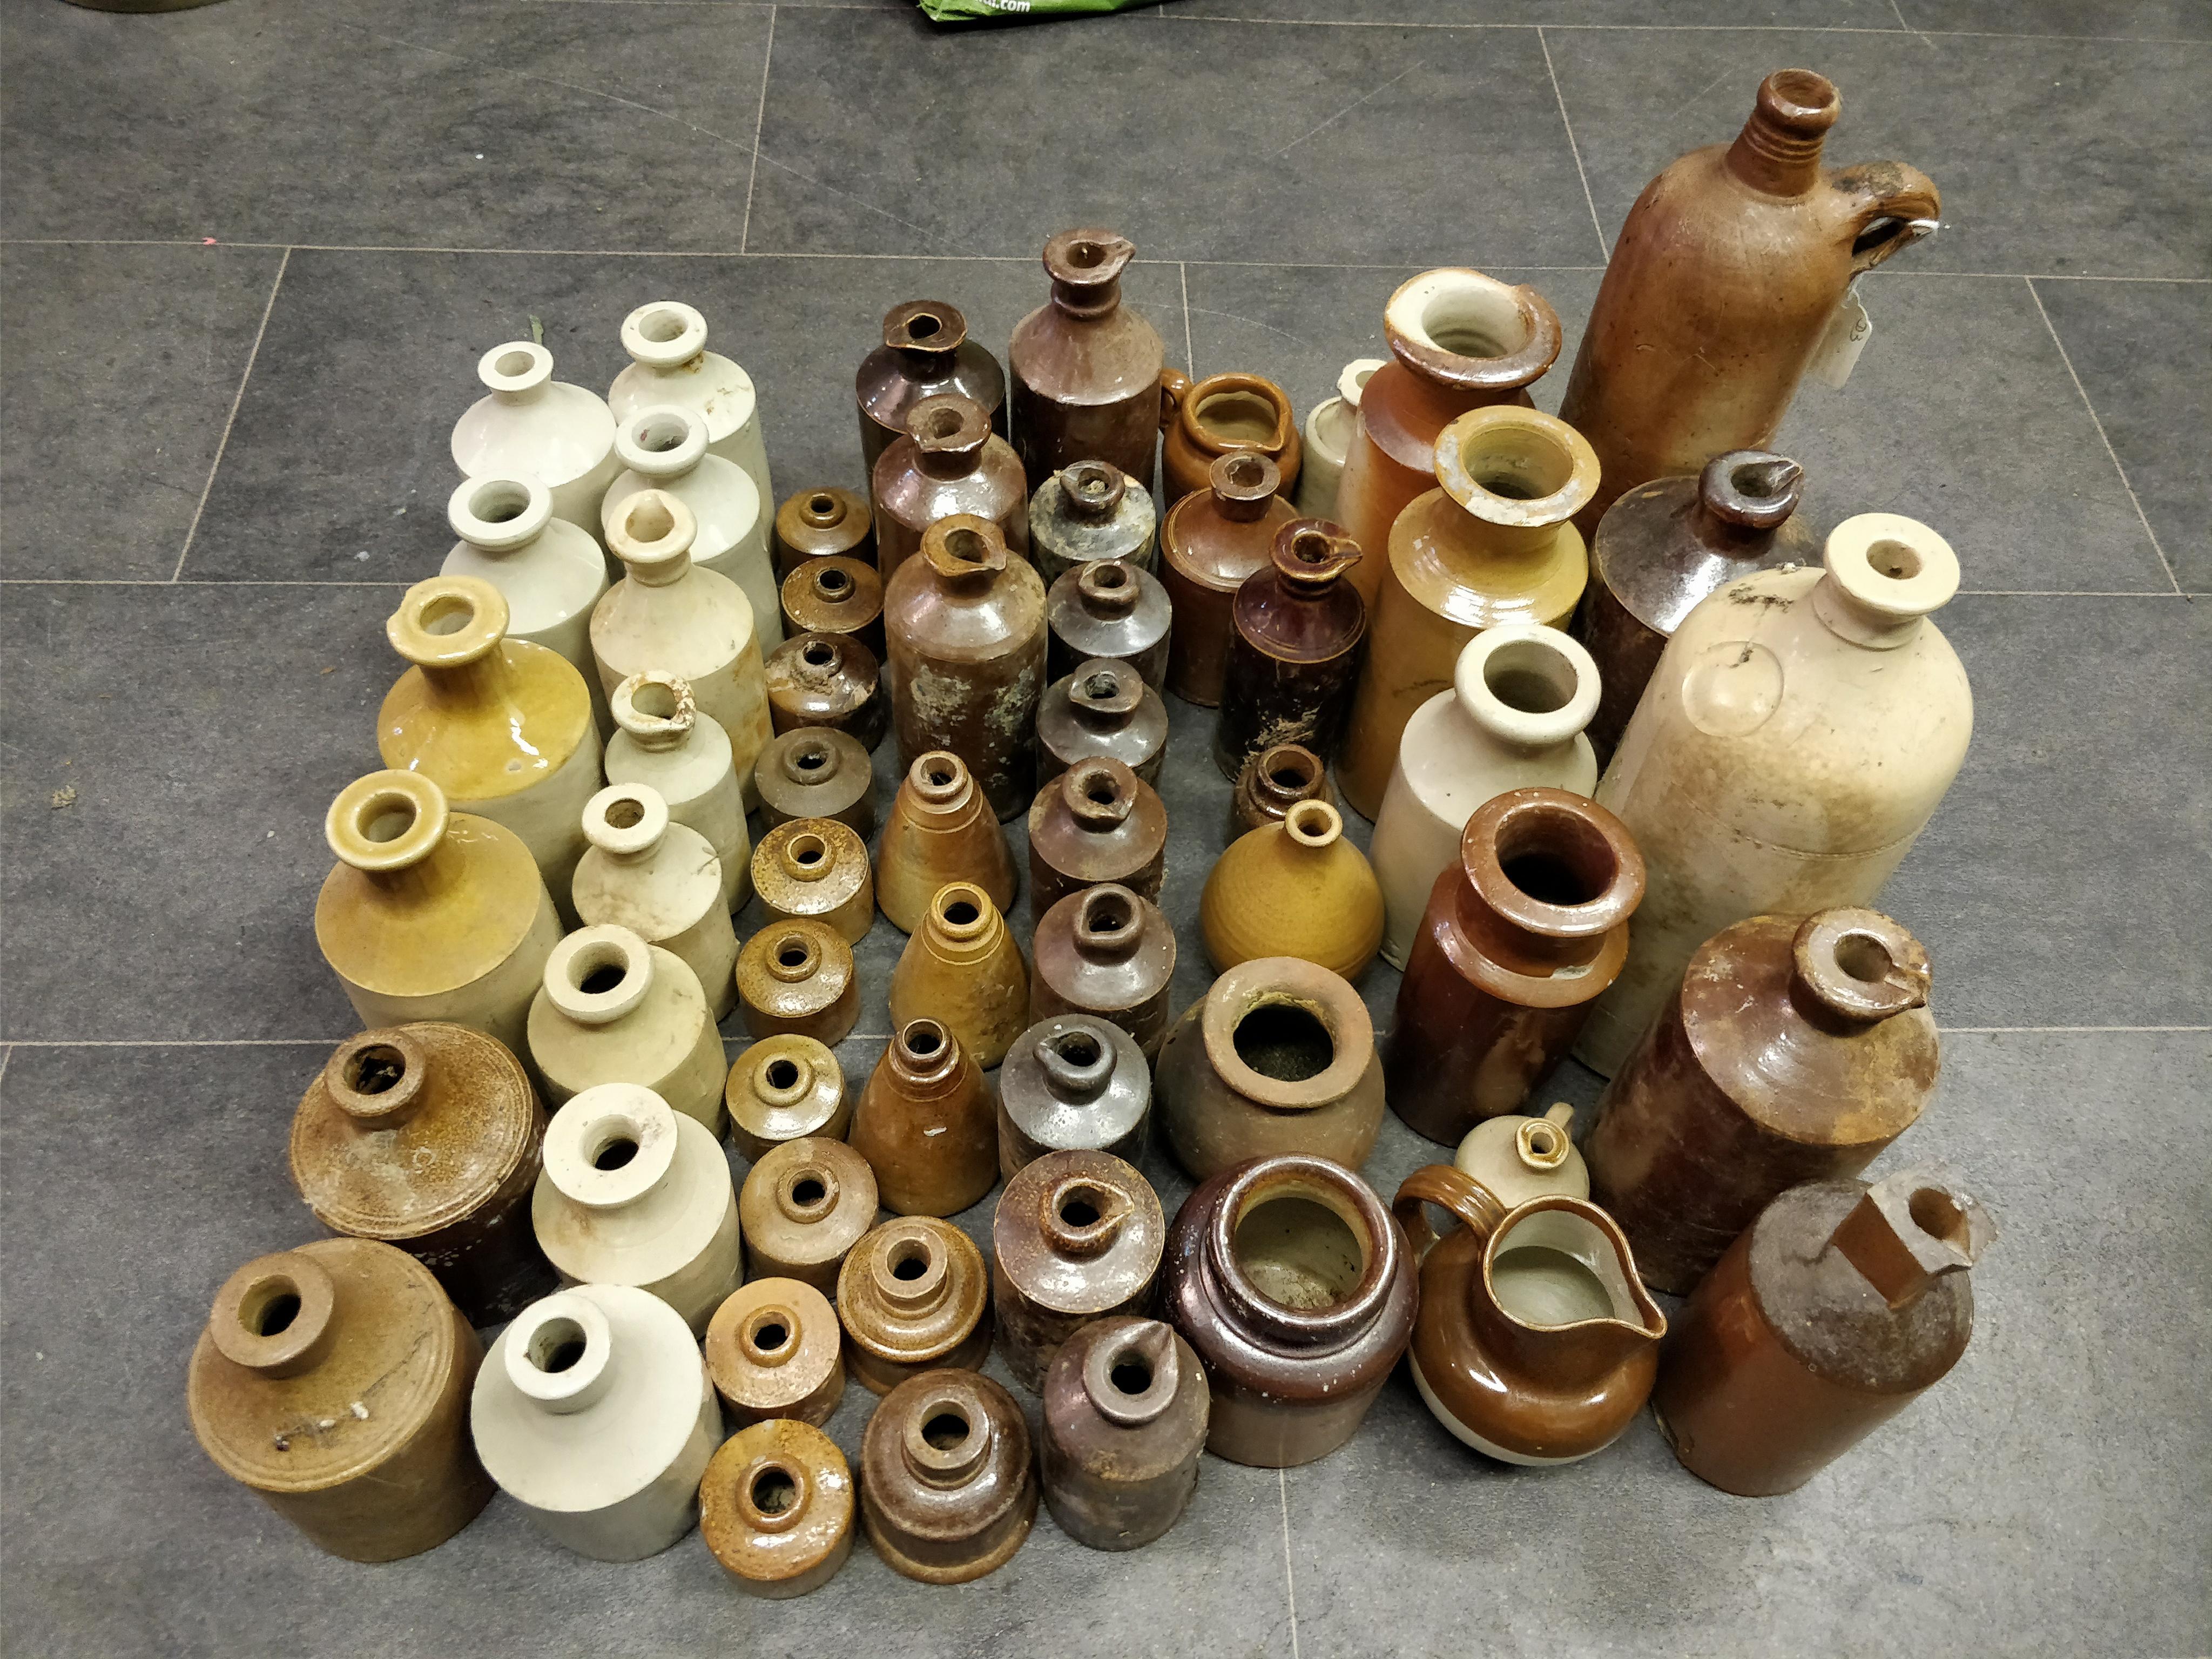 Mixture of Clay Pots